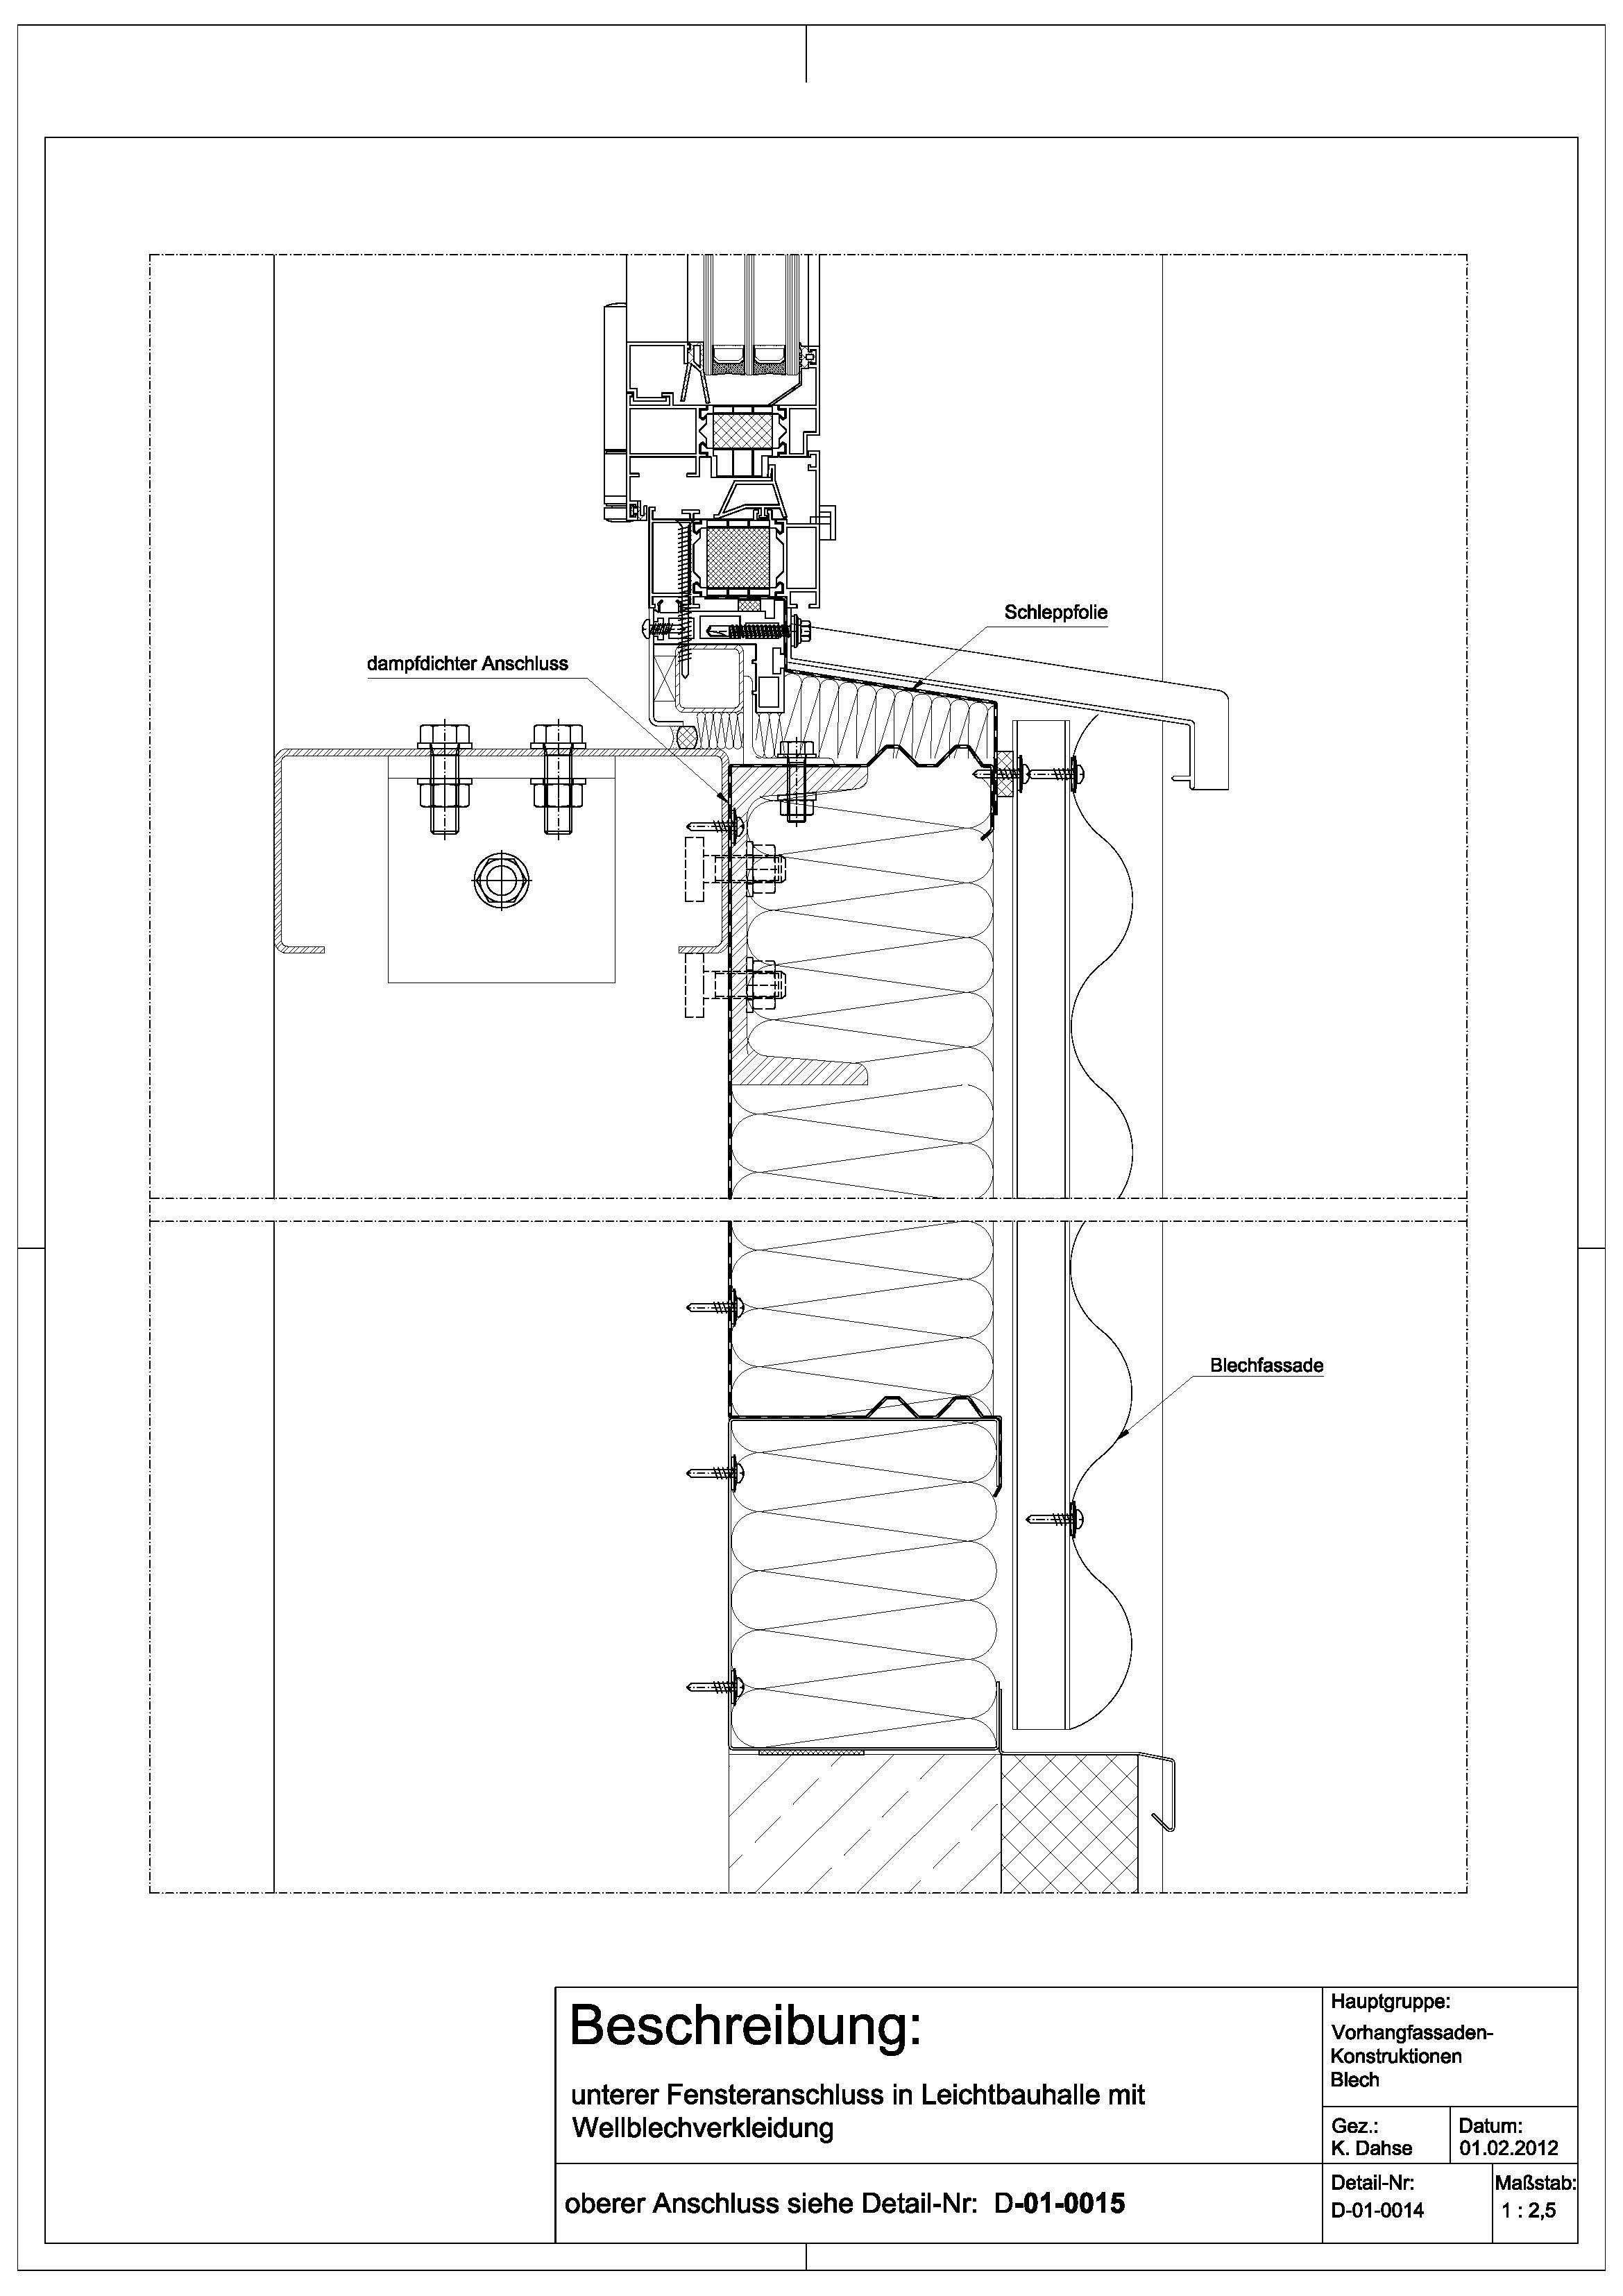 D010014 unterer Fensteranschluss in Leichtbauhalle mit